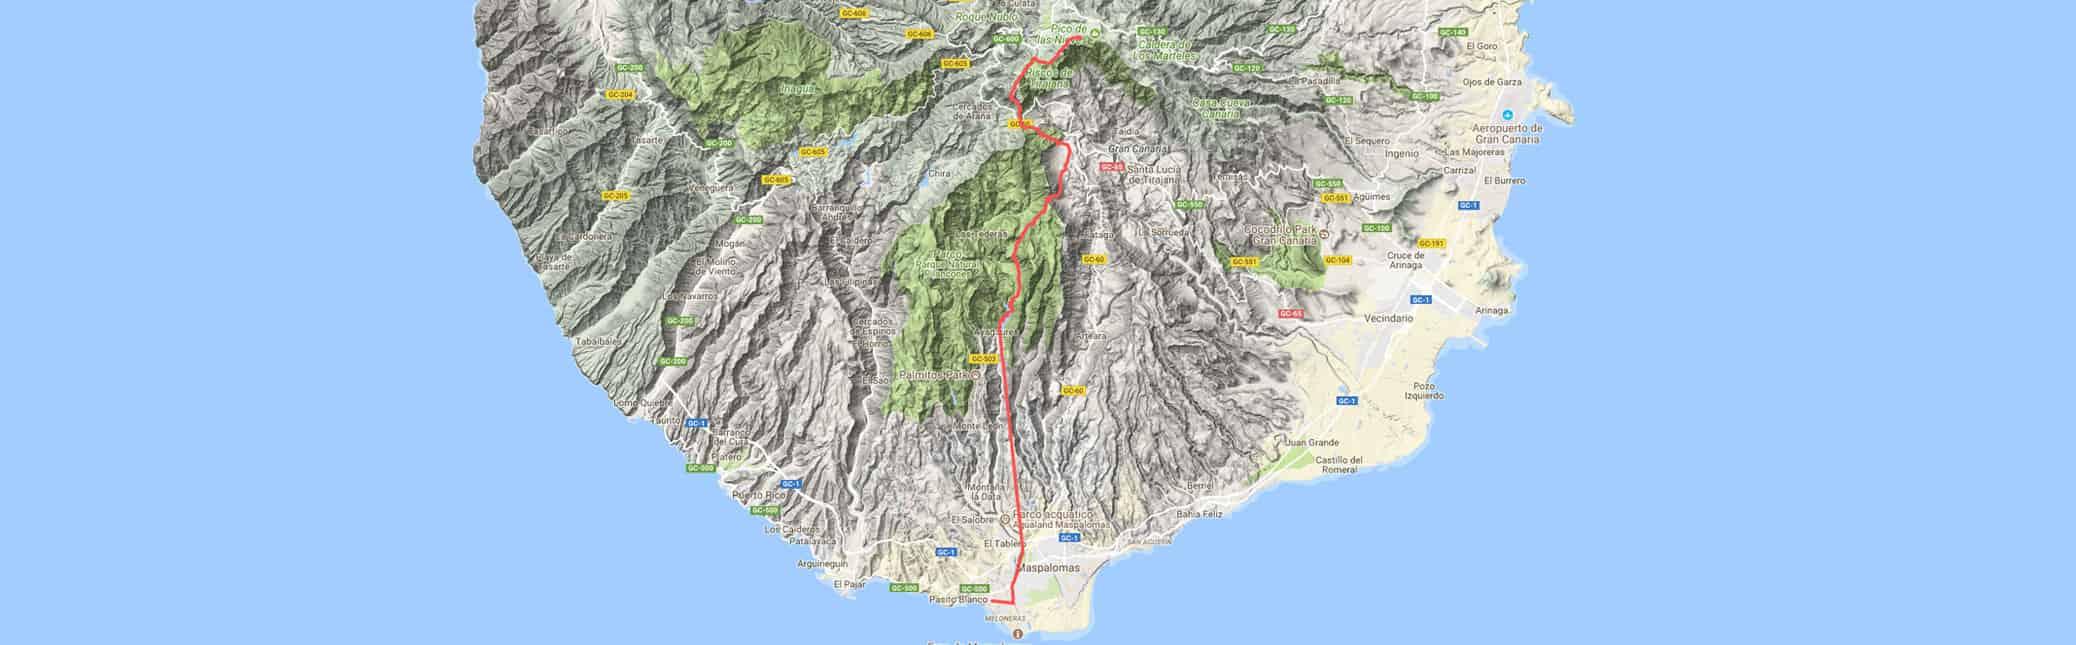 Camino de la Plata mountain bike track